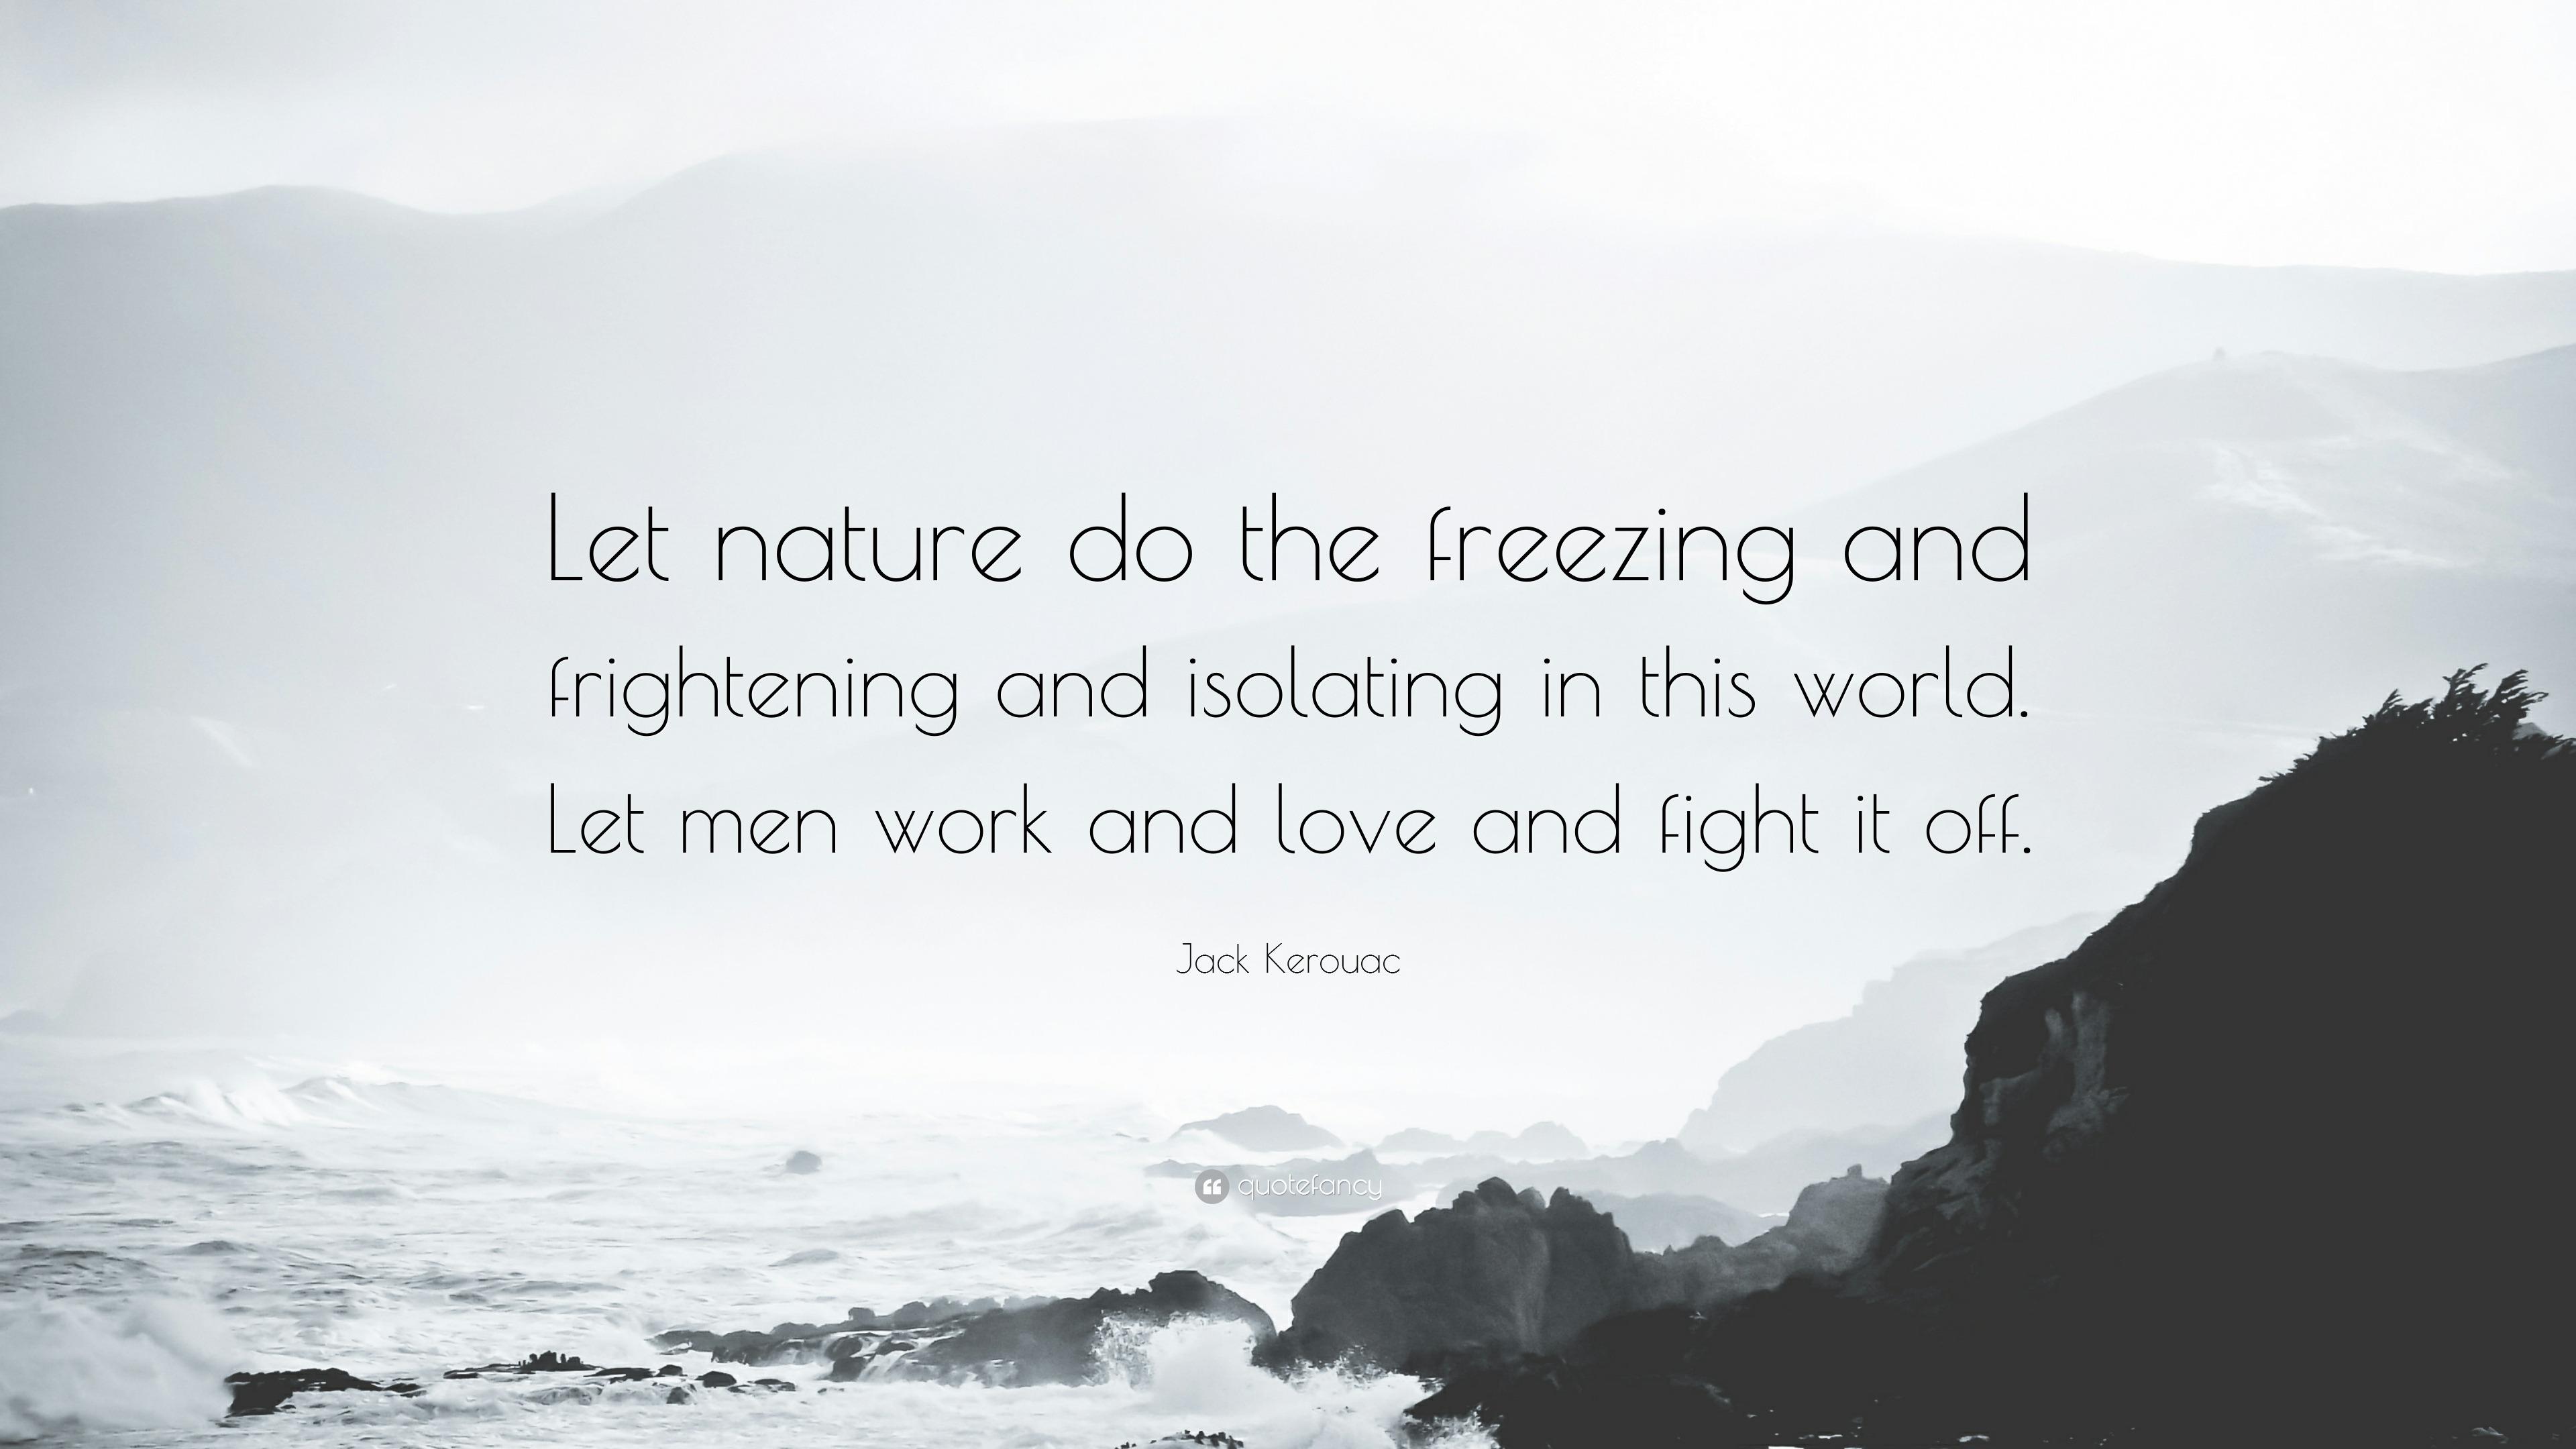 Jack Kerouac Quotes 301 Wallpapers Quotefancy